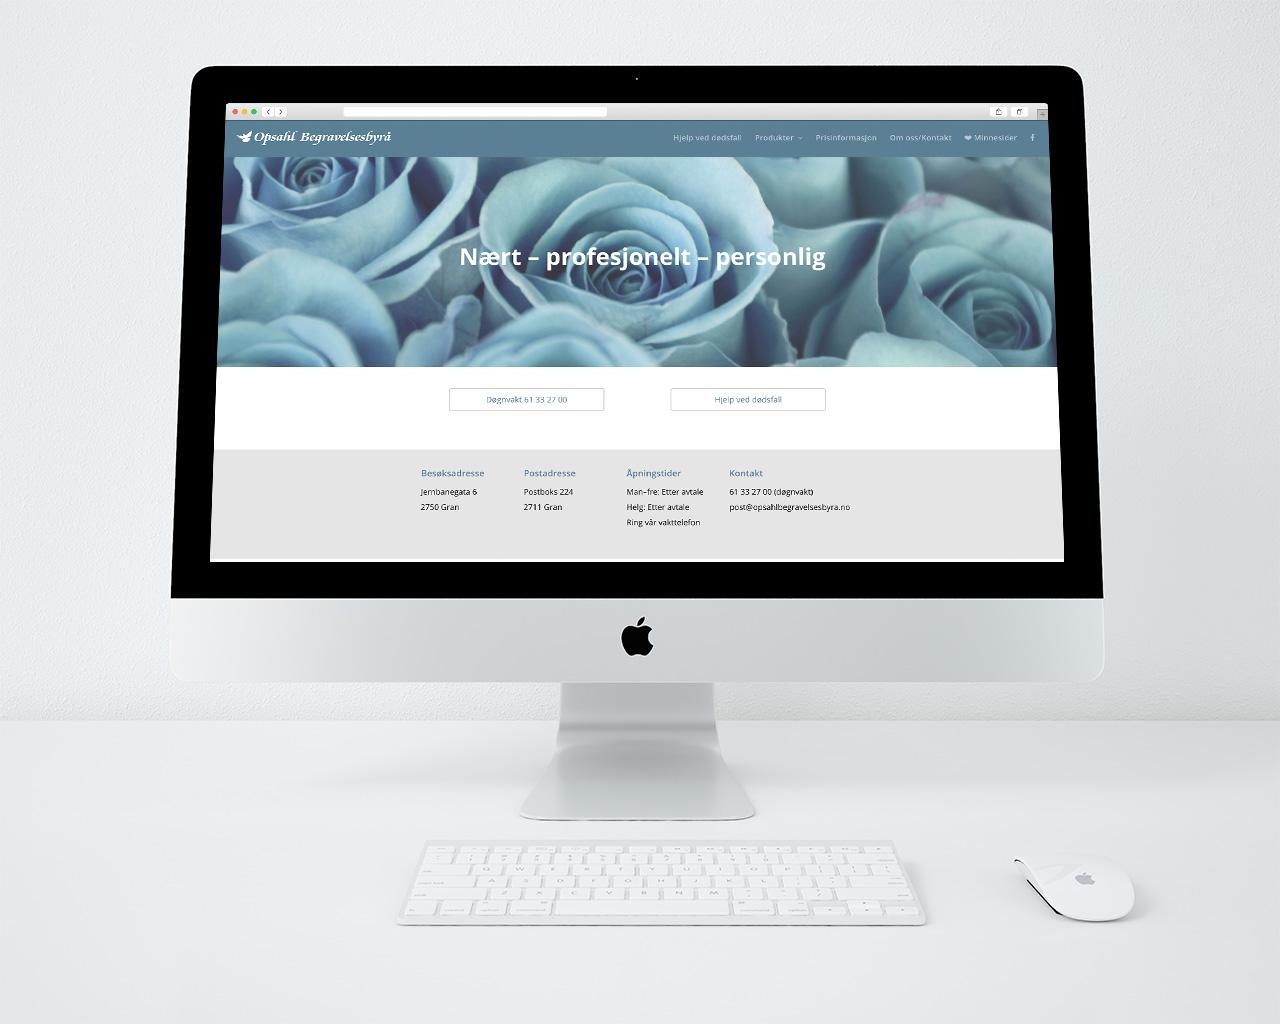 Opshal Begravelsesbyrå webside mac